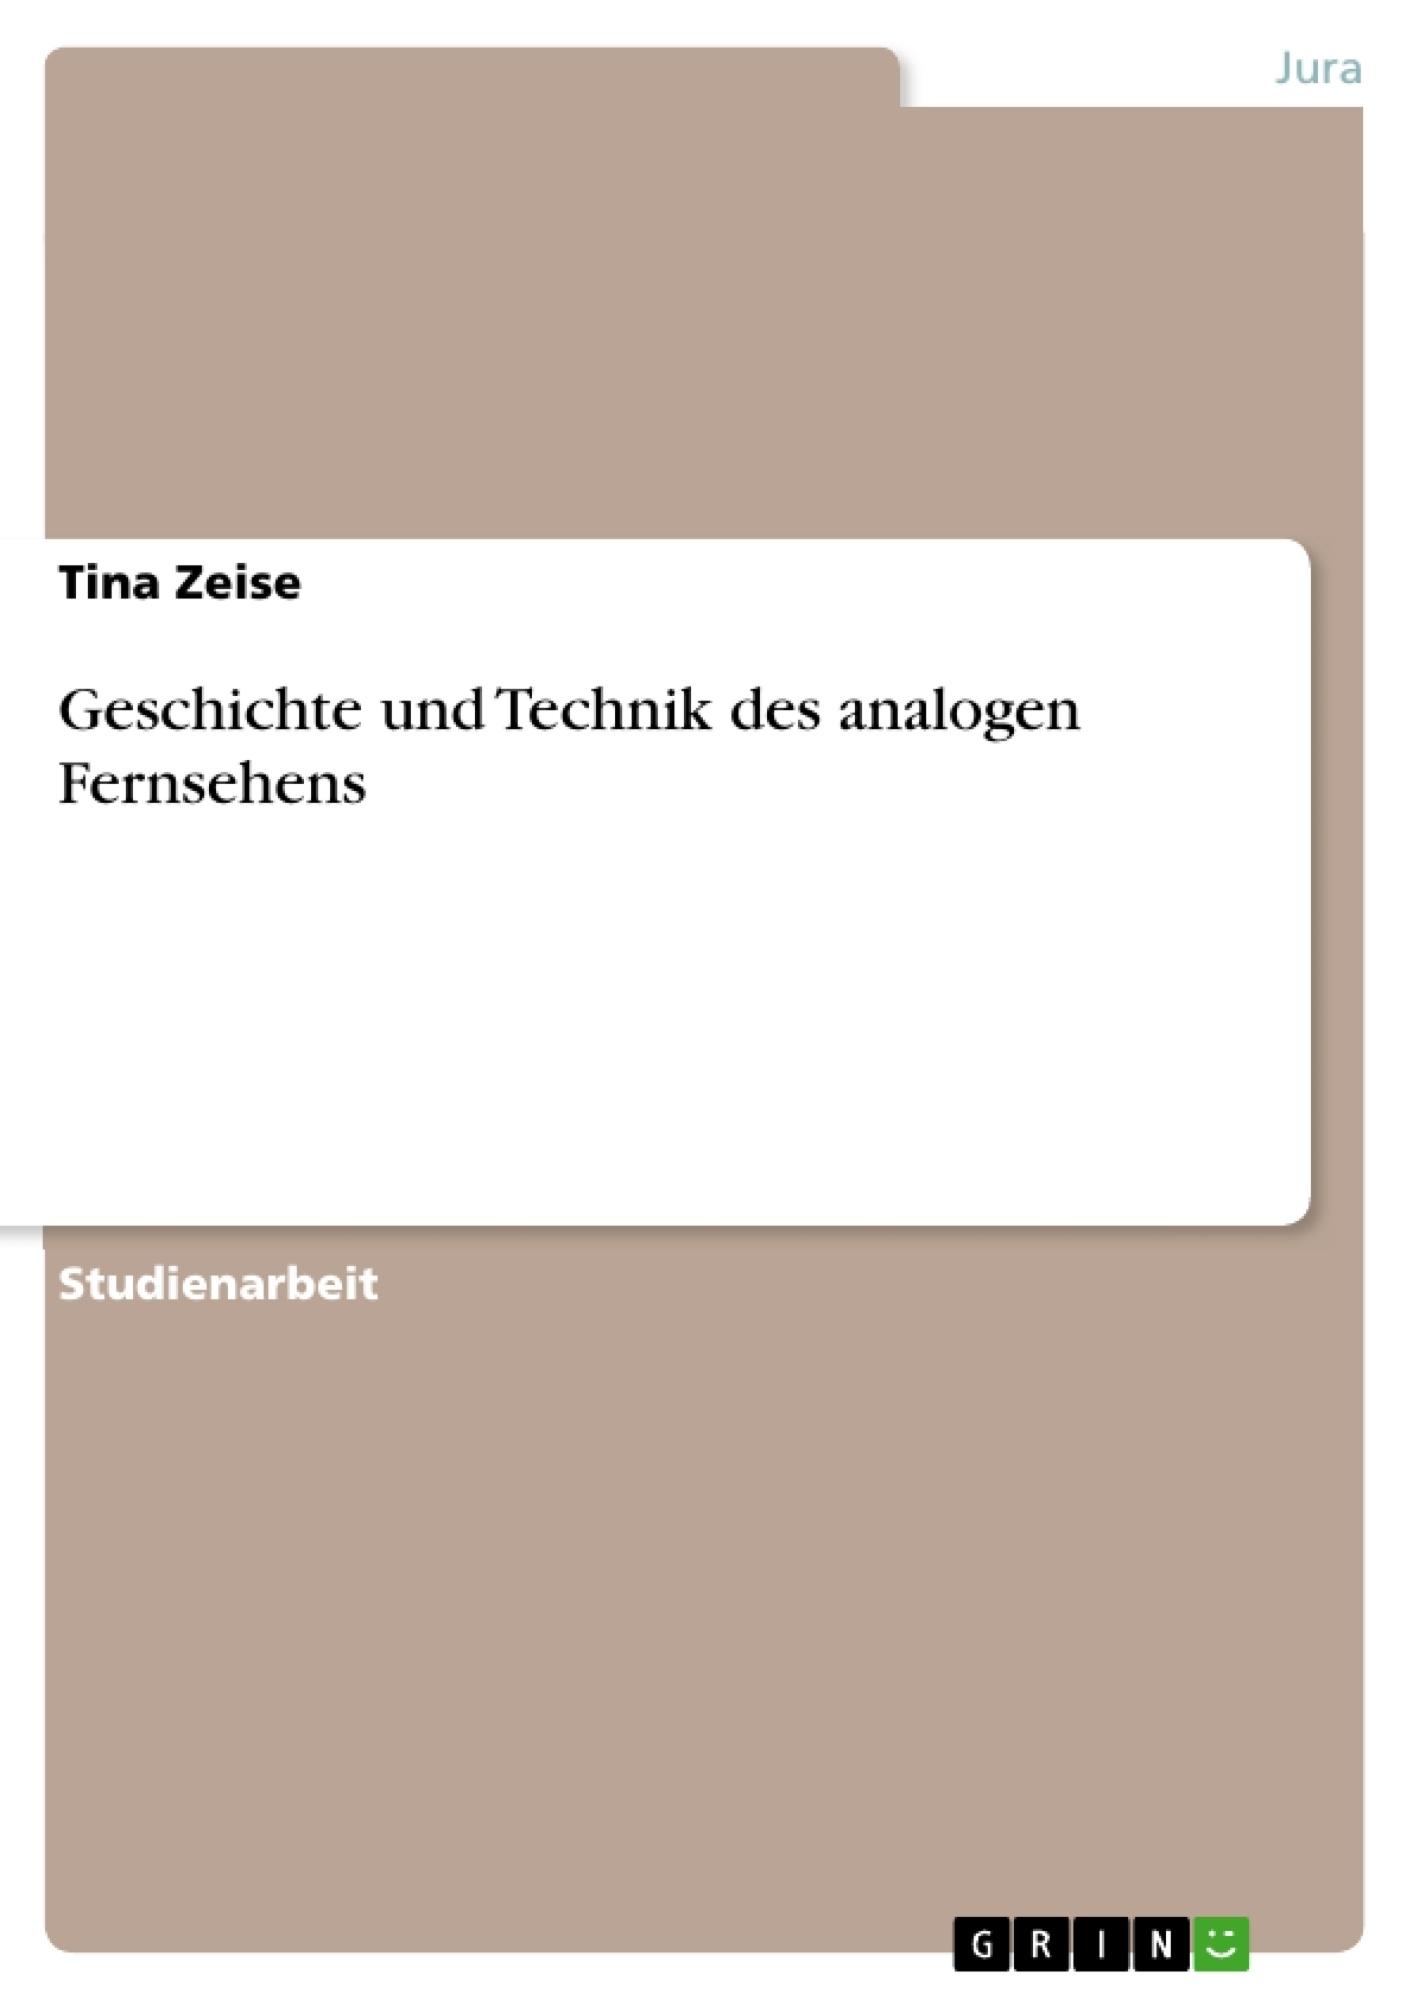 Titel: Geschichte und Technik des analogen Fernsehens